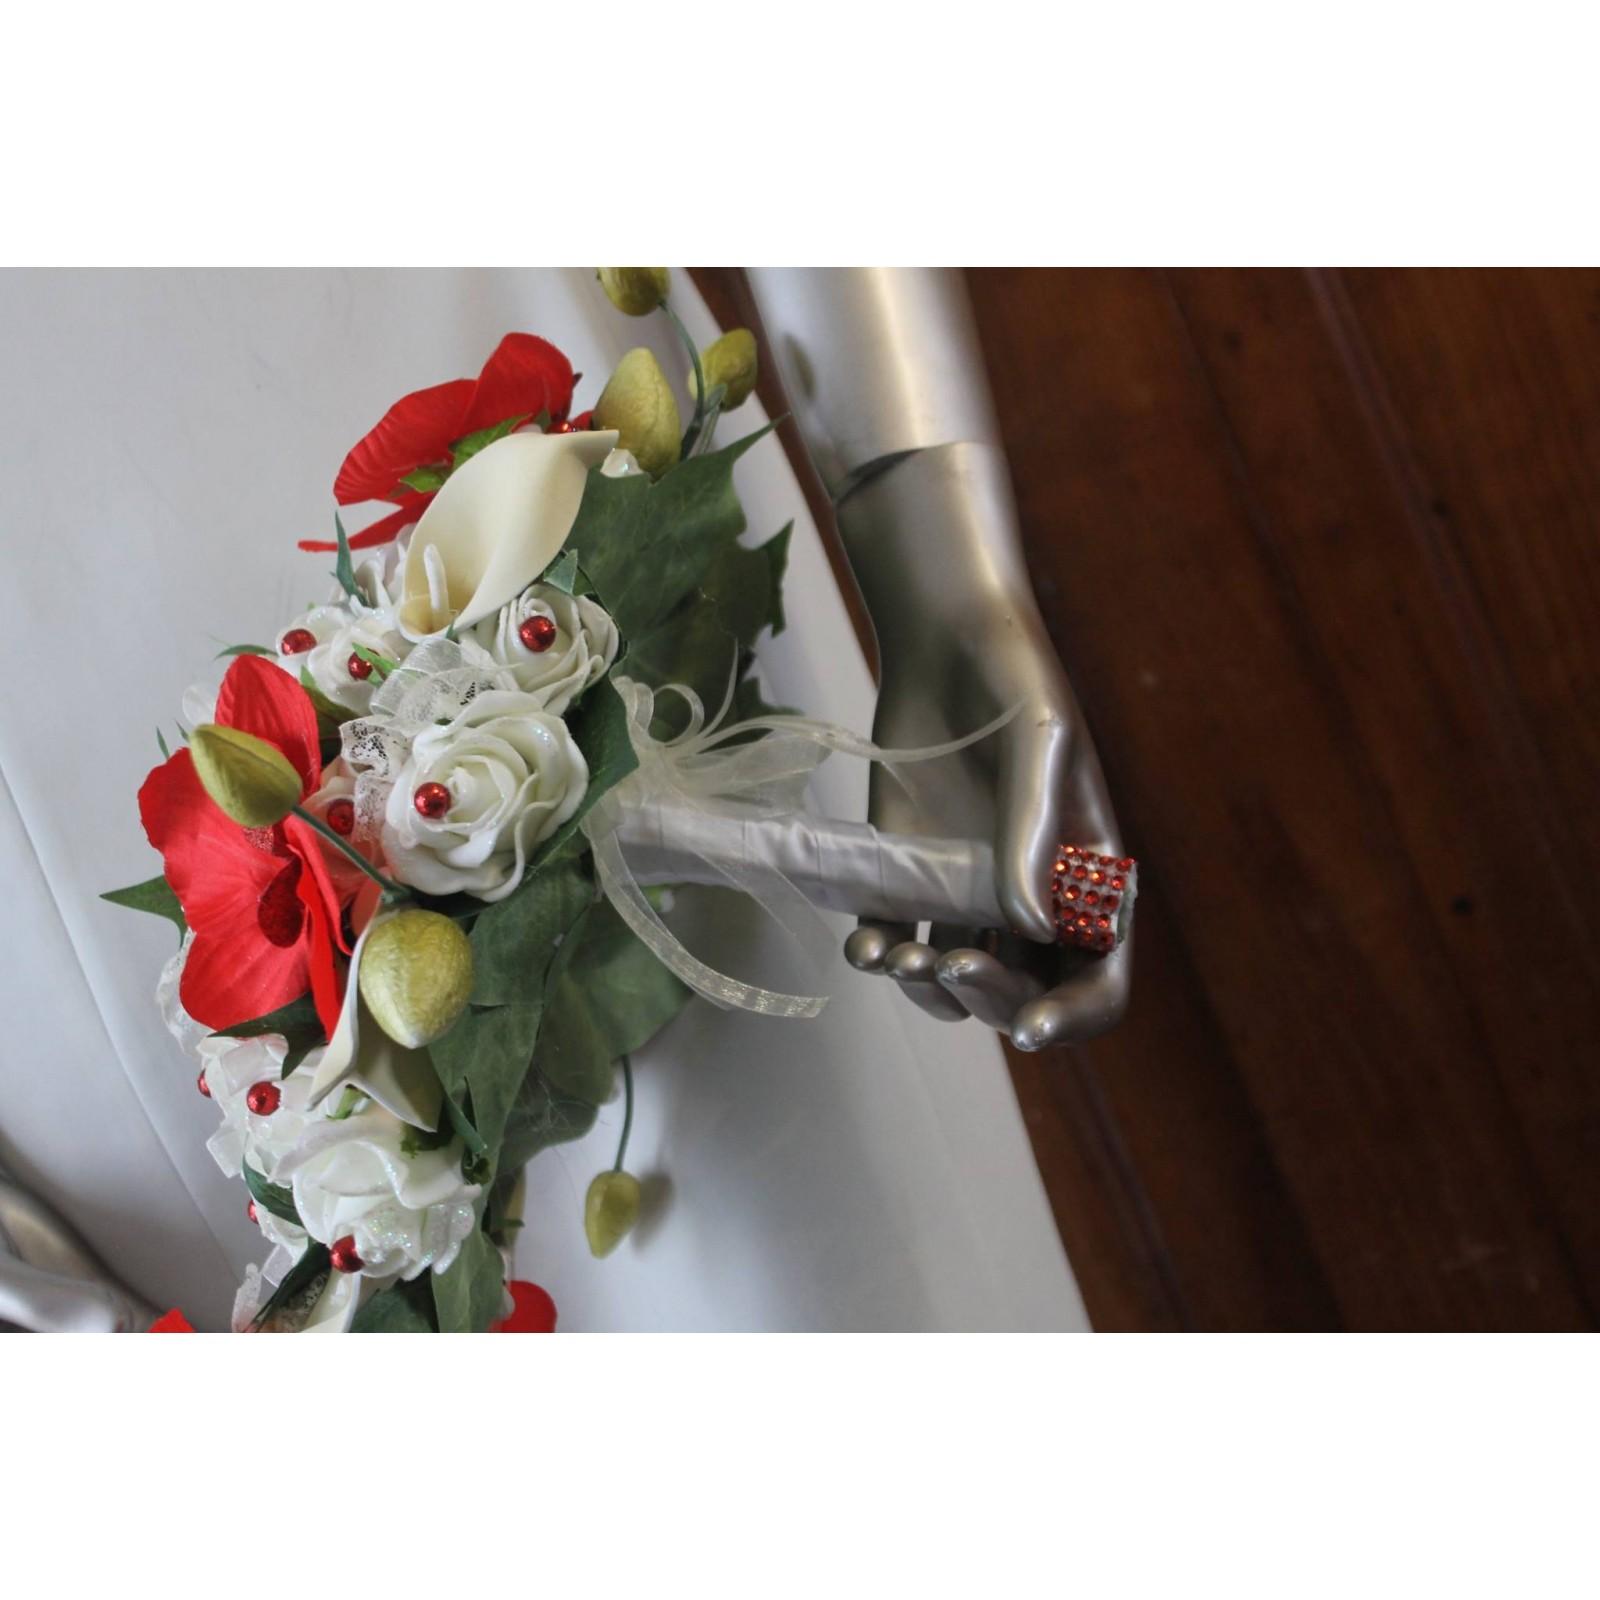 bouquet de fleurs mariee cascade thème arums et orchidées rouges